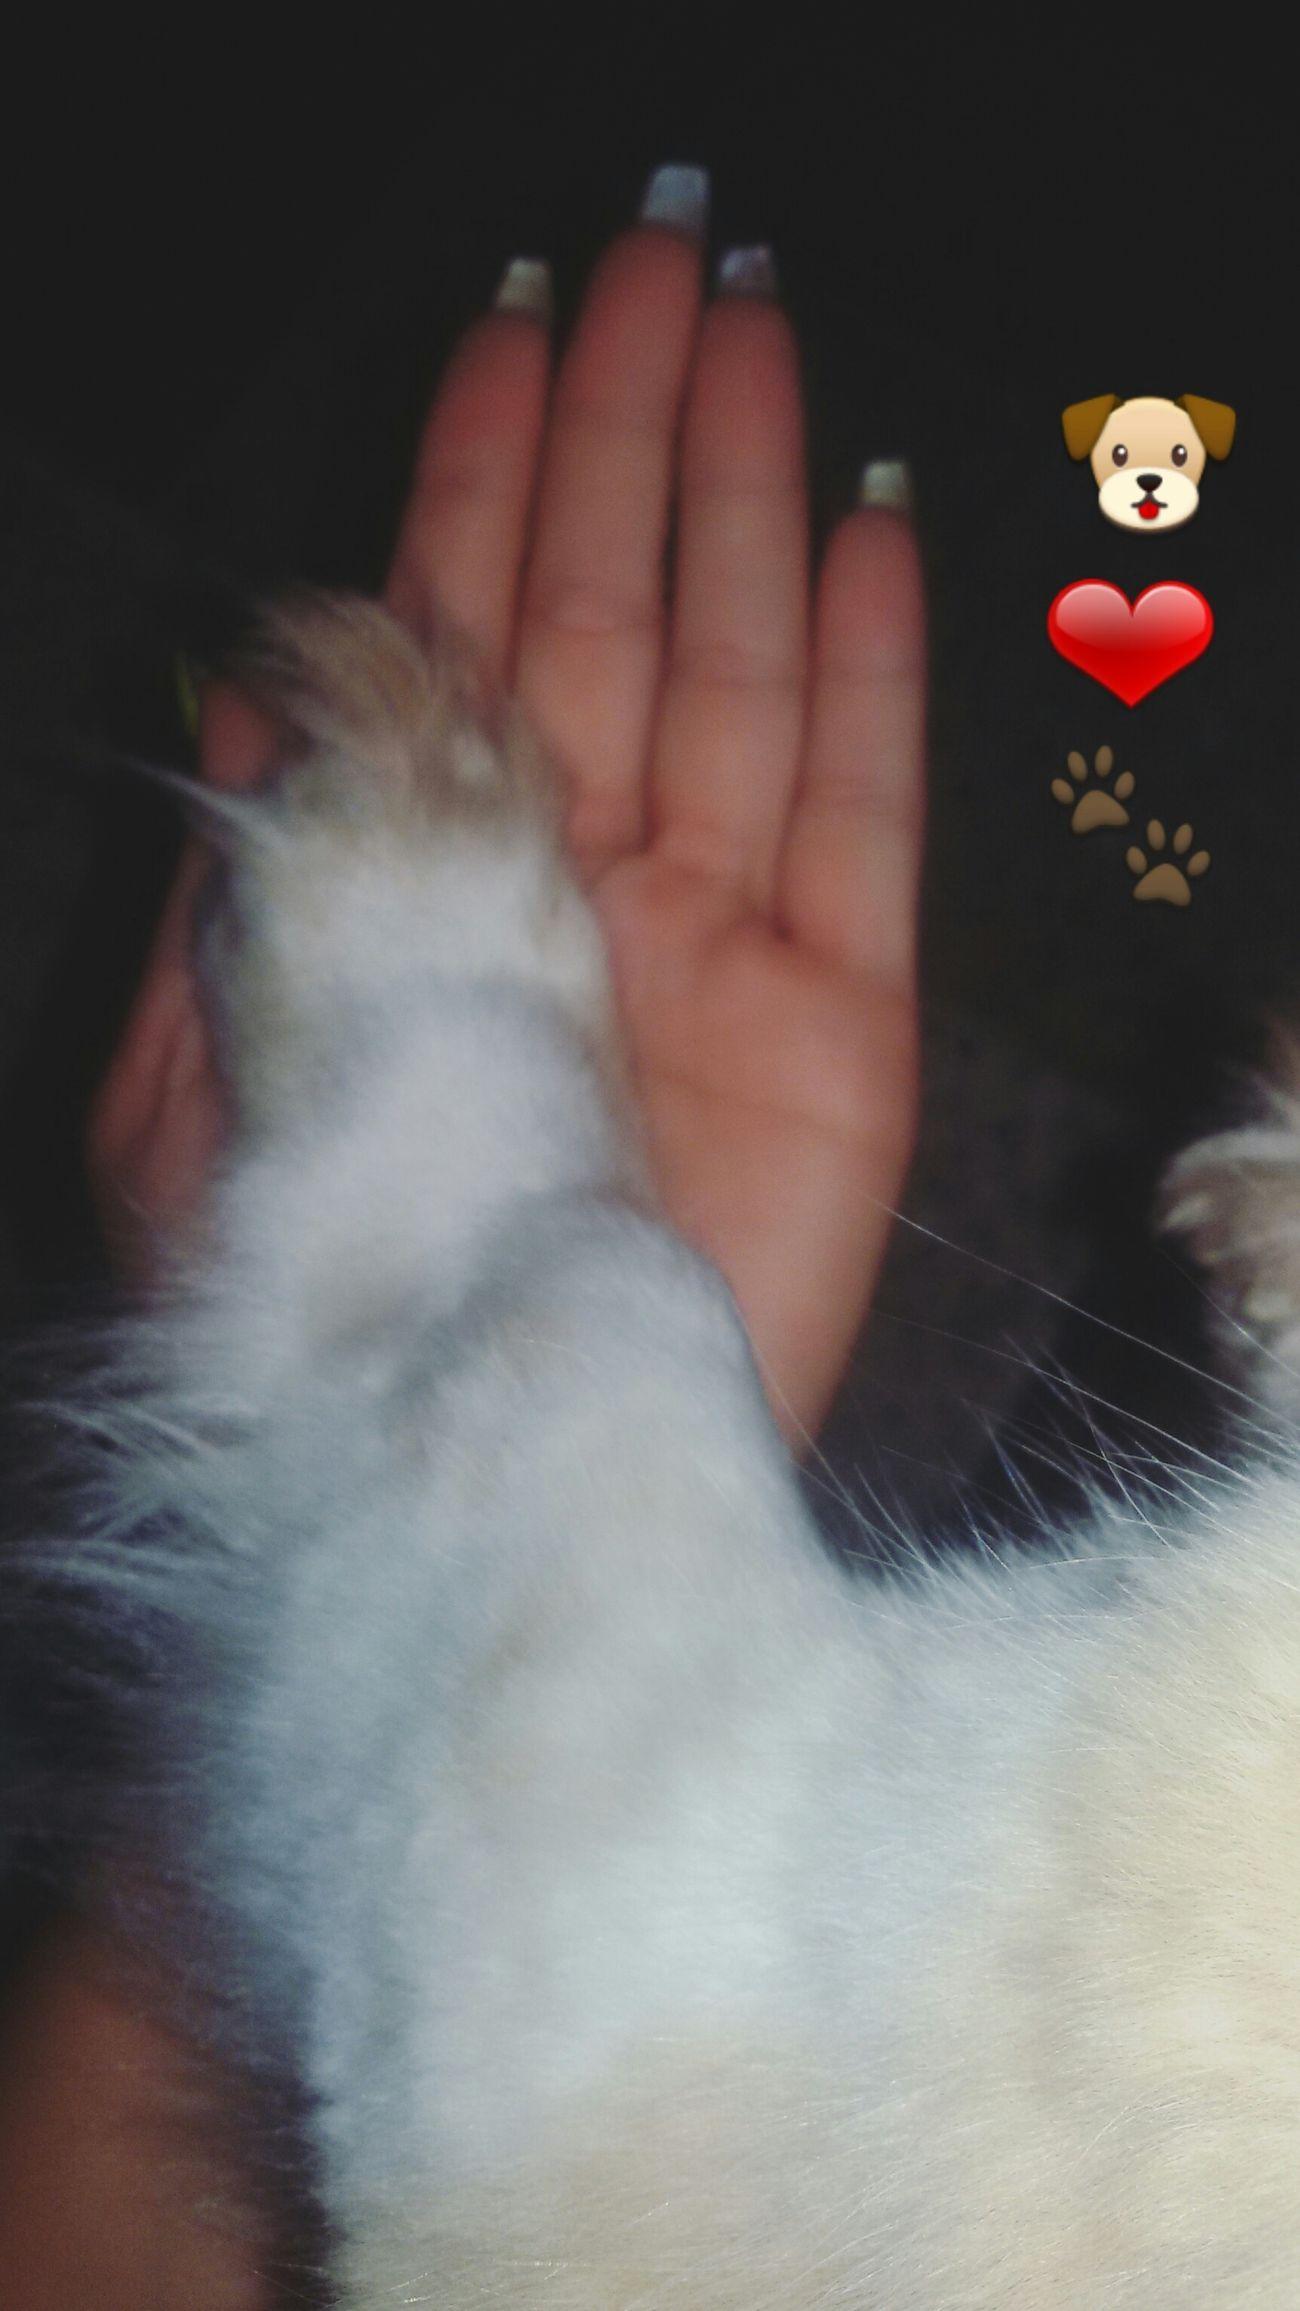 Mybabylove Puppy Babydog Love Lovely Loveit Lovedogs Lovelovelove Mylife ❤❤❤❤❤❤❤❤❤